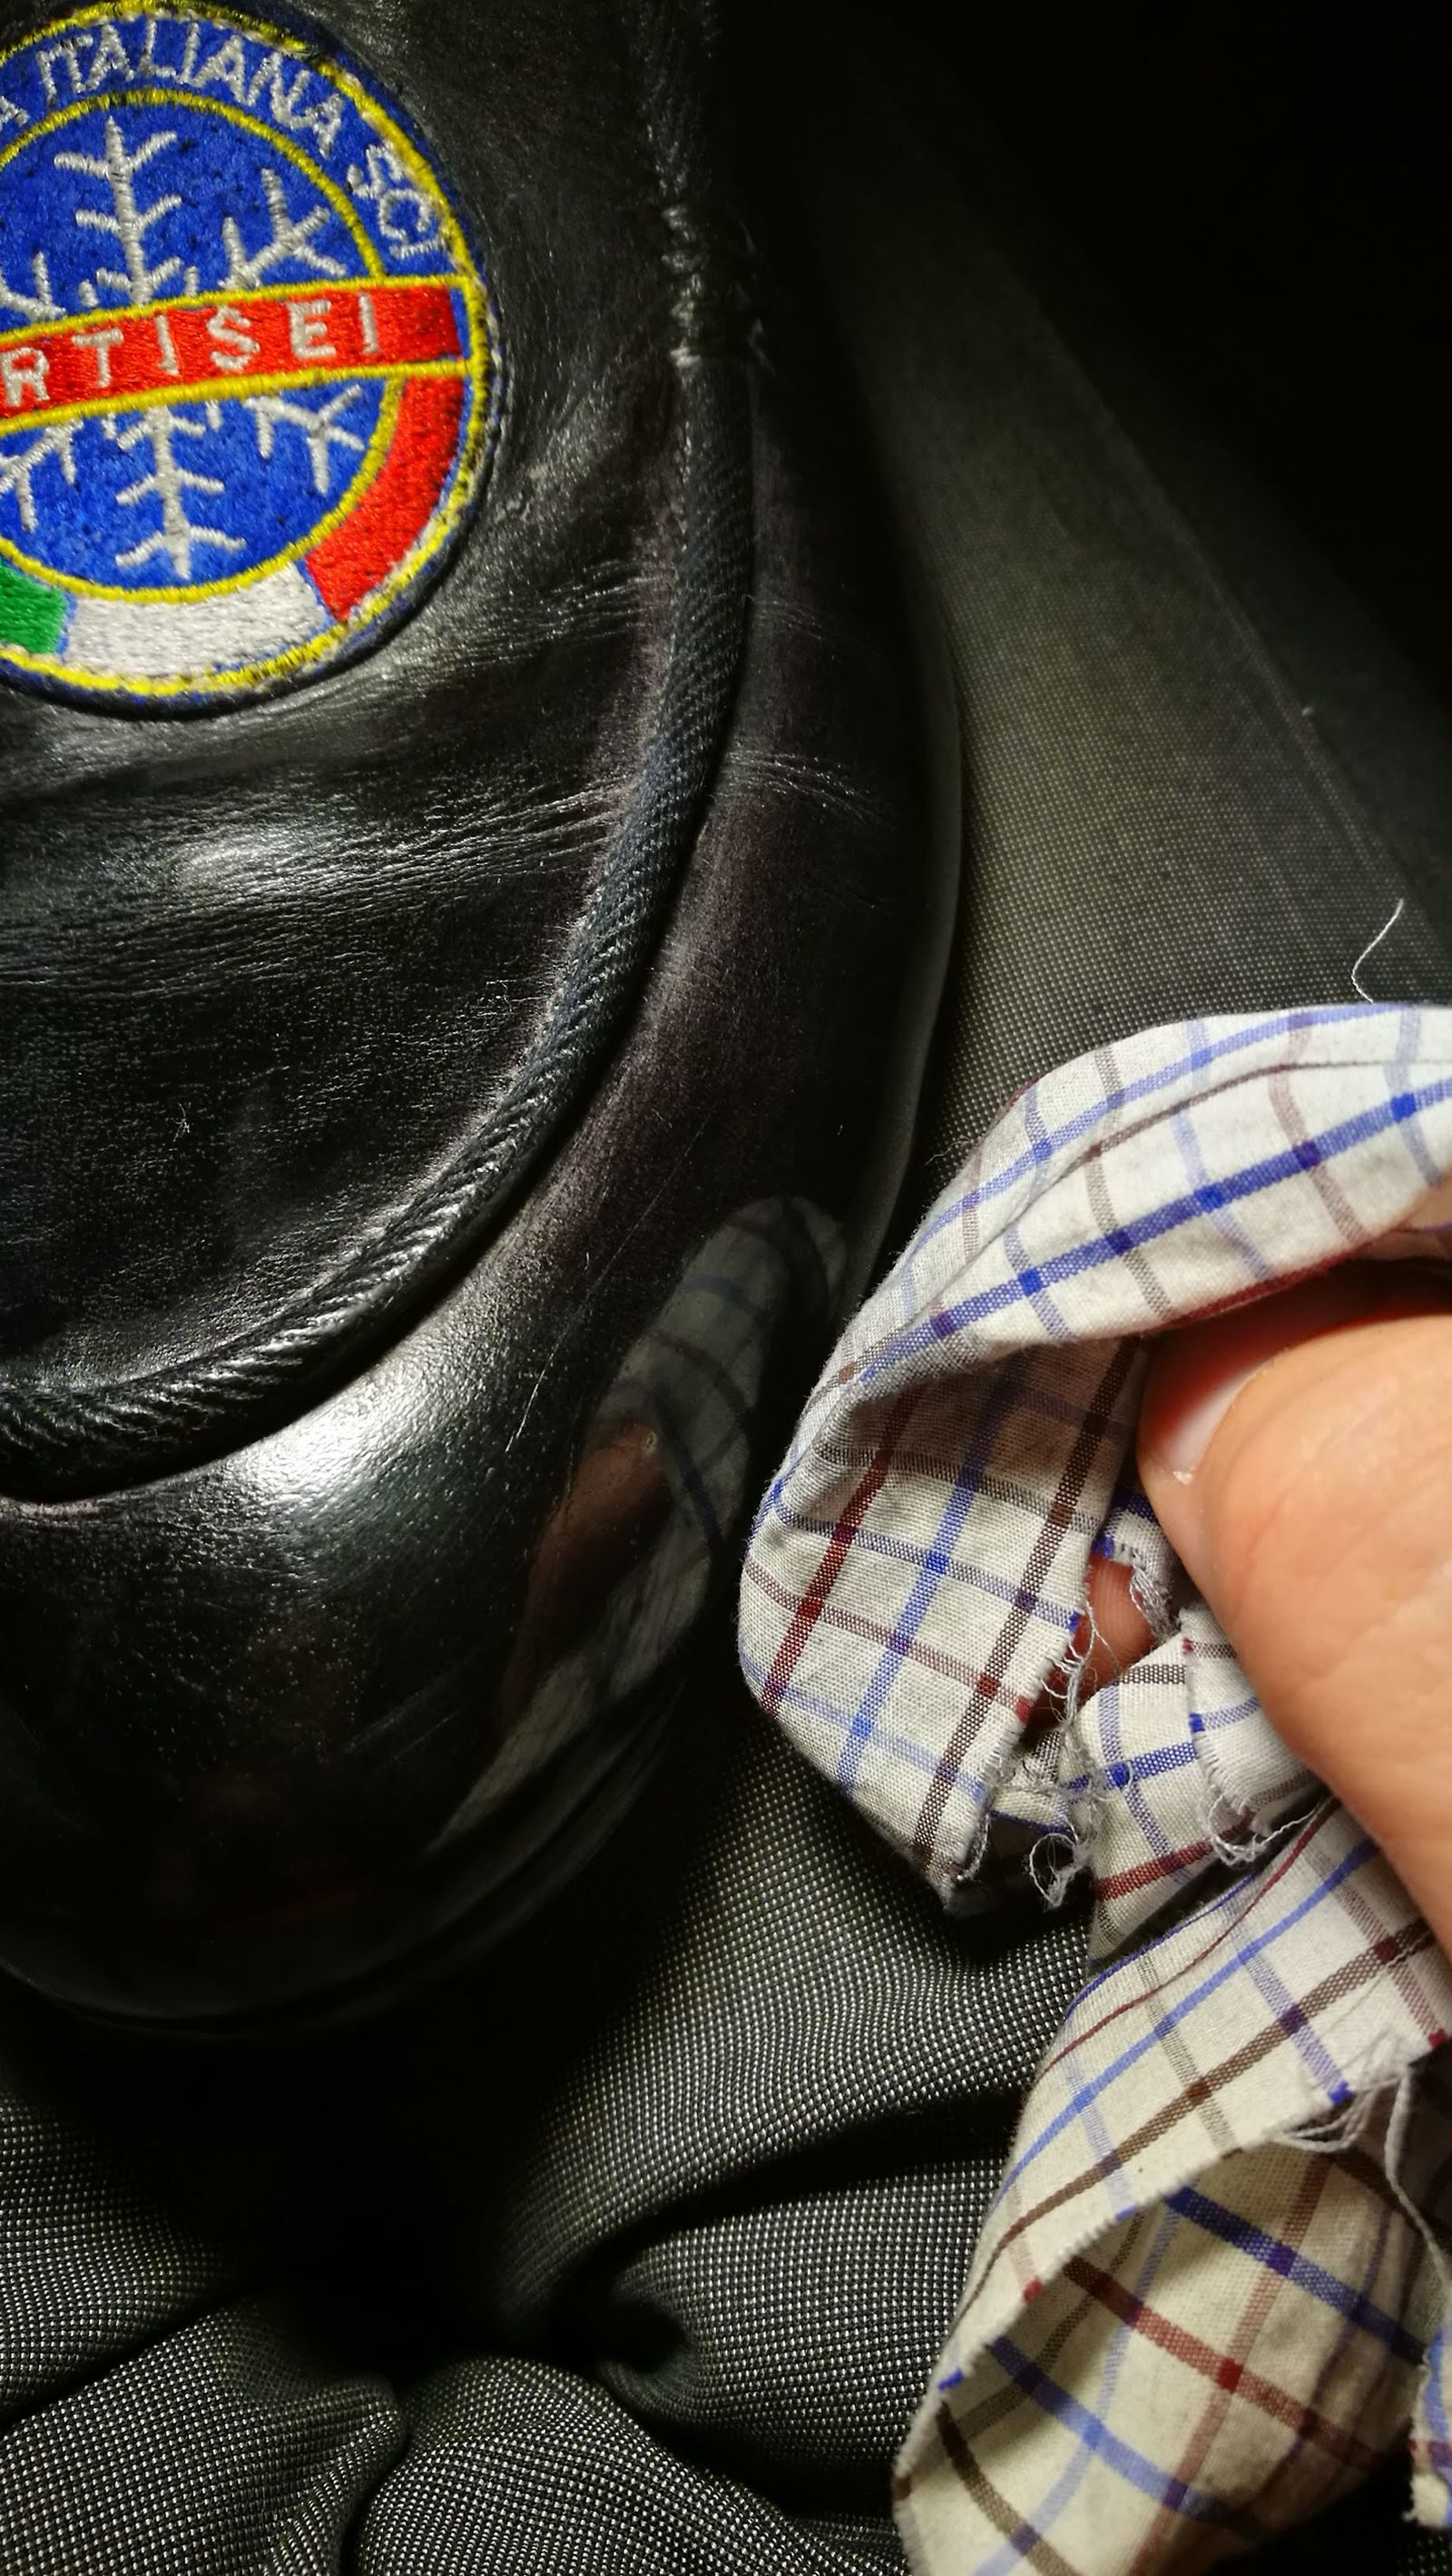 f0b8c4a0b Обувь своими руками. Лоферы аля The Blue Oyster Bar. Обувь, Своими руками,